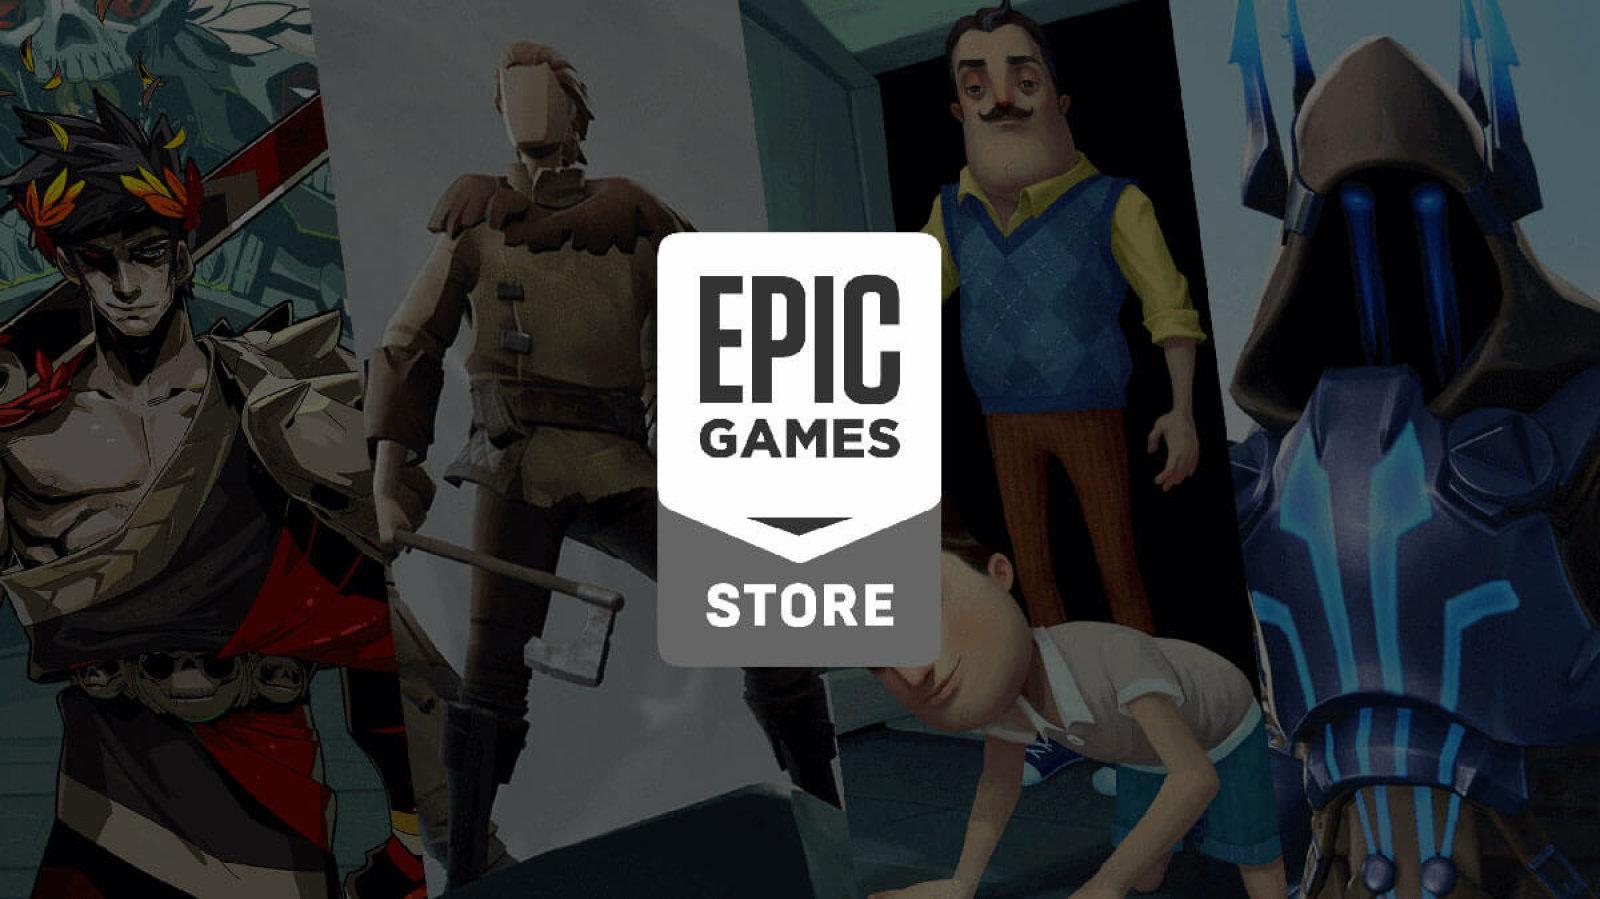 Letnia wyprzeda¿ gier w Epic Games Store rozpoczêta. Wysokie rabaty na liczne tytu³y